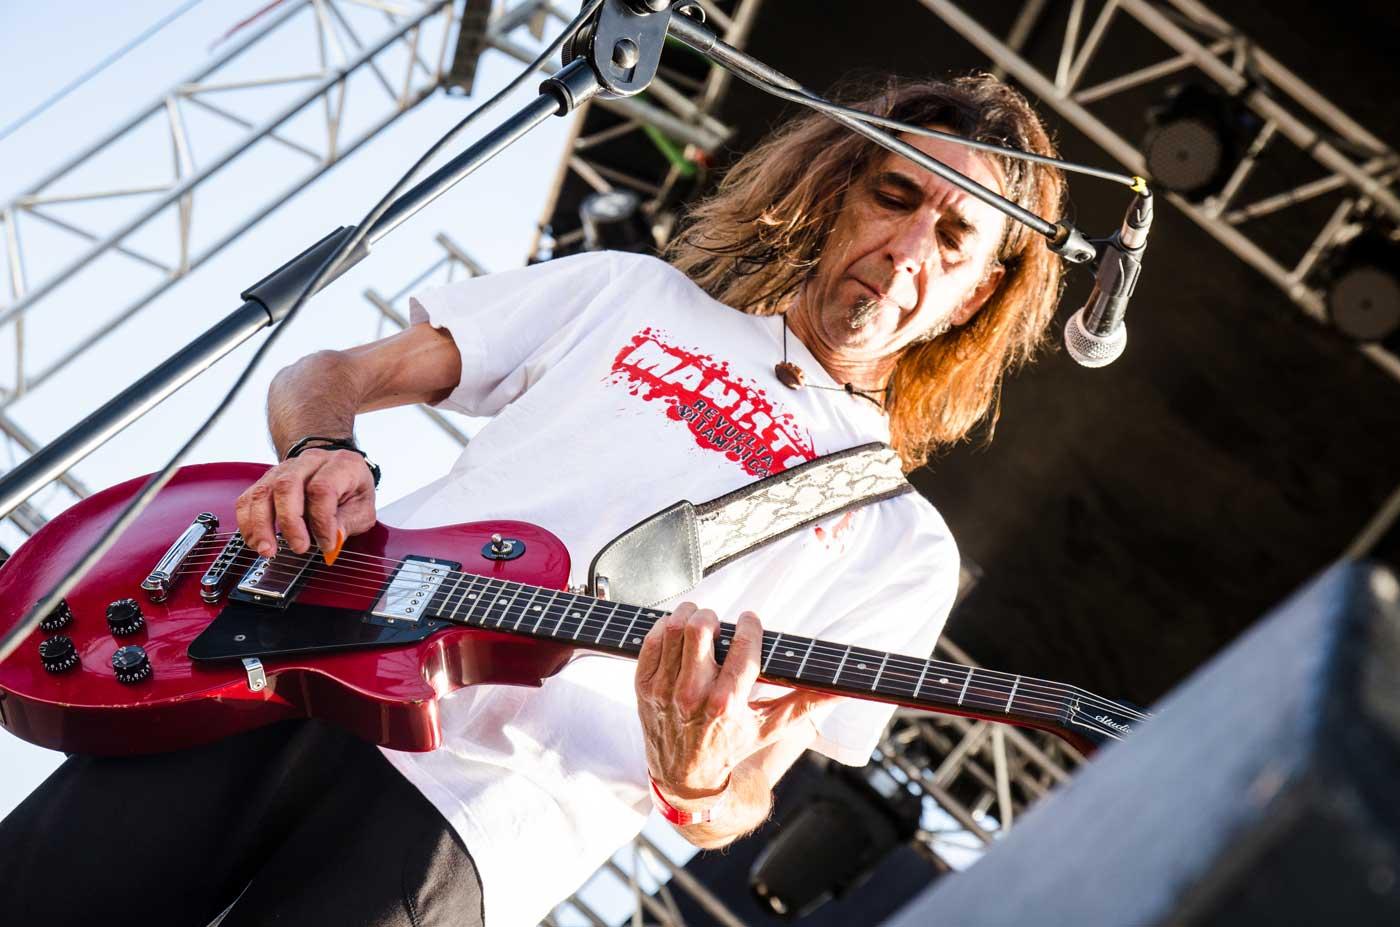 Javi Chispes, nuevo componente de Reincidentes, tocando la guitarra sobre el escenario